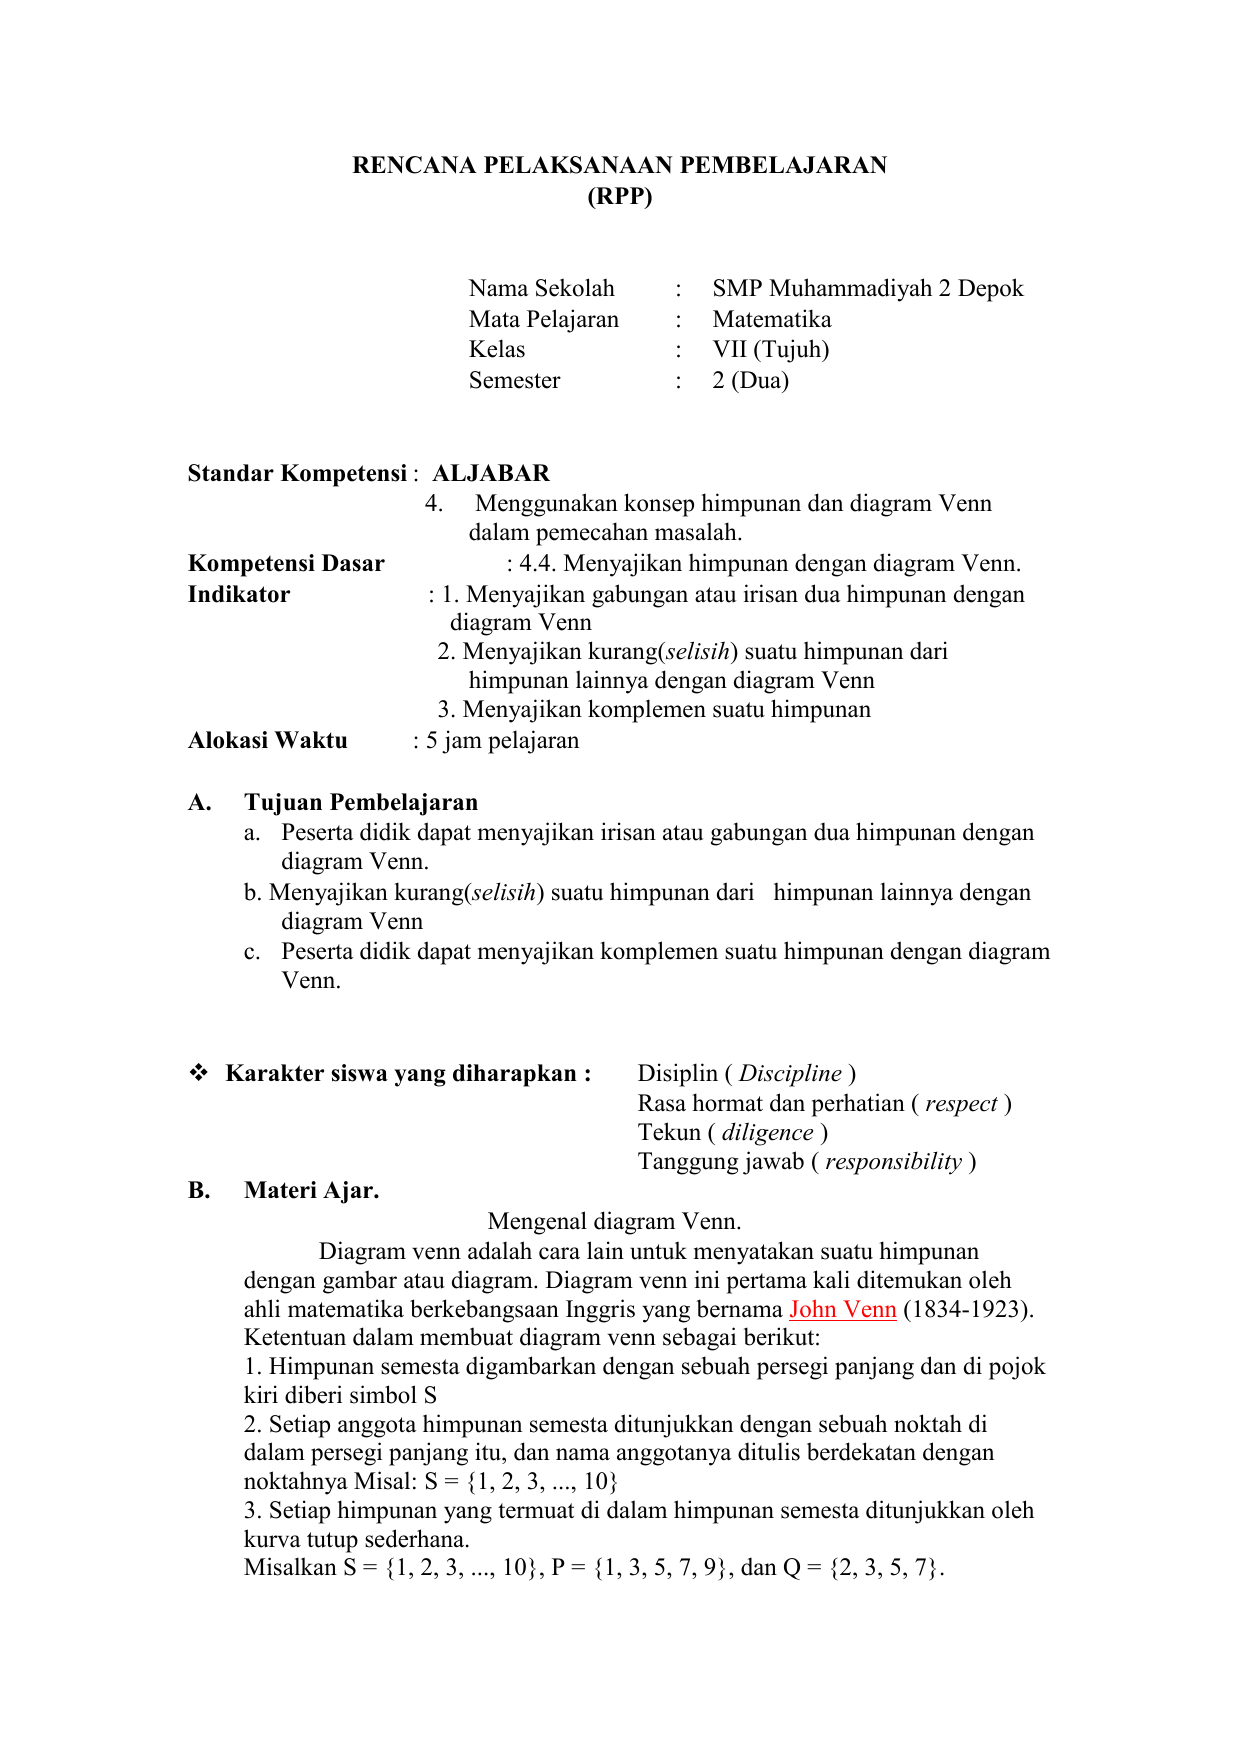 Contoh Soal Diagram Venn Himpunan Komplemen